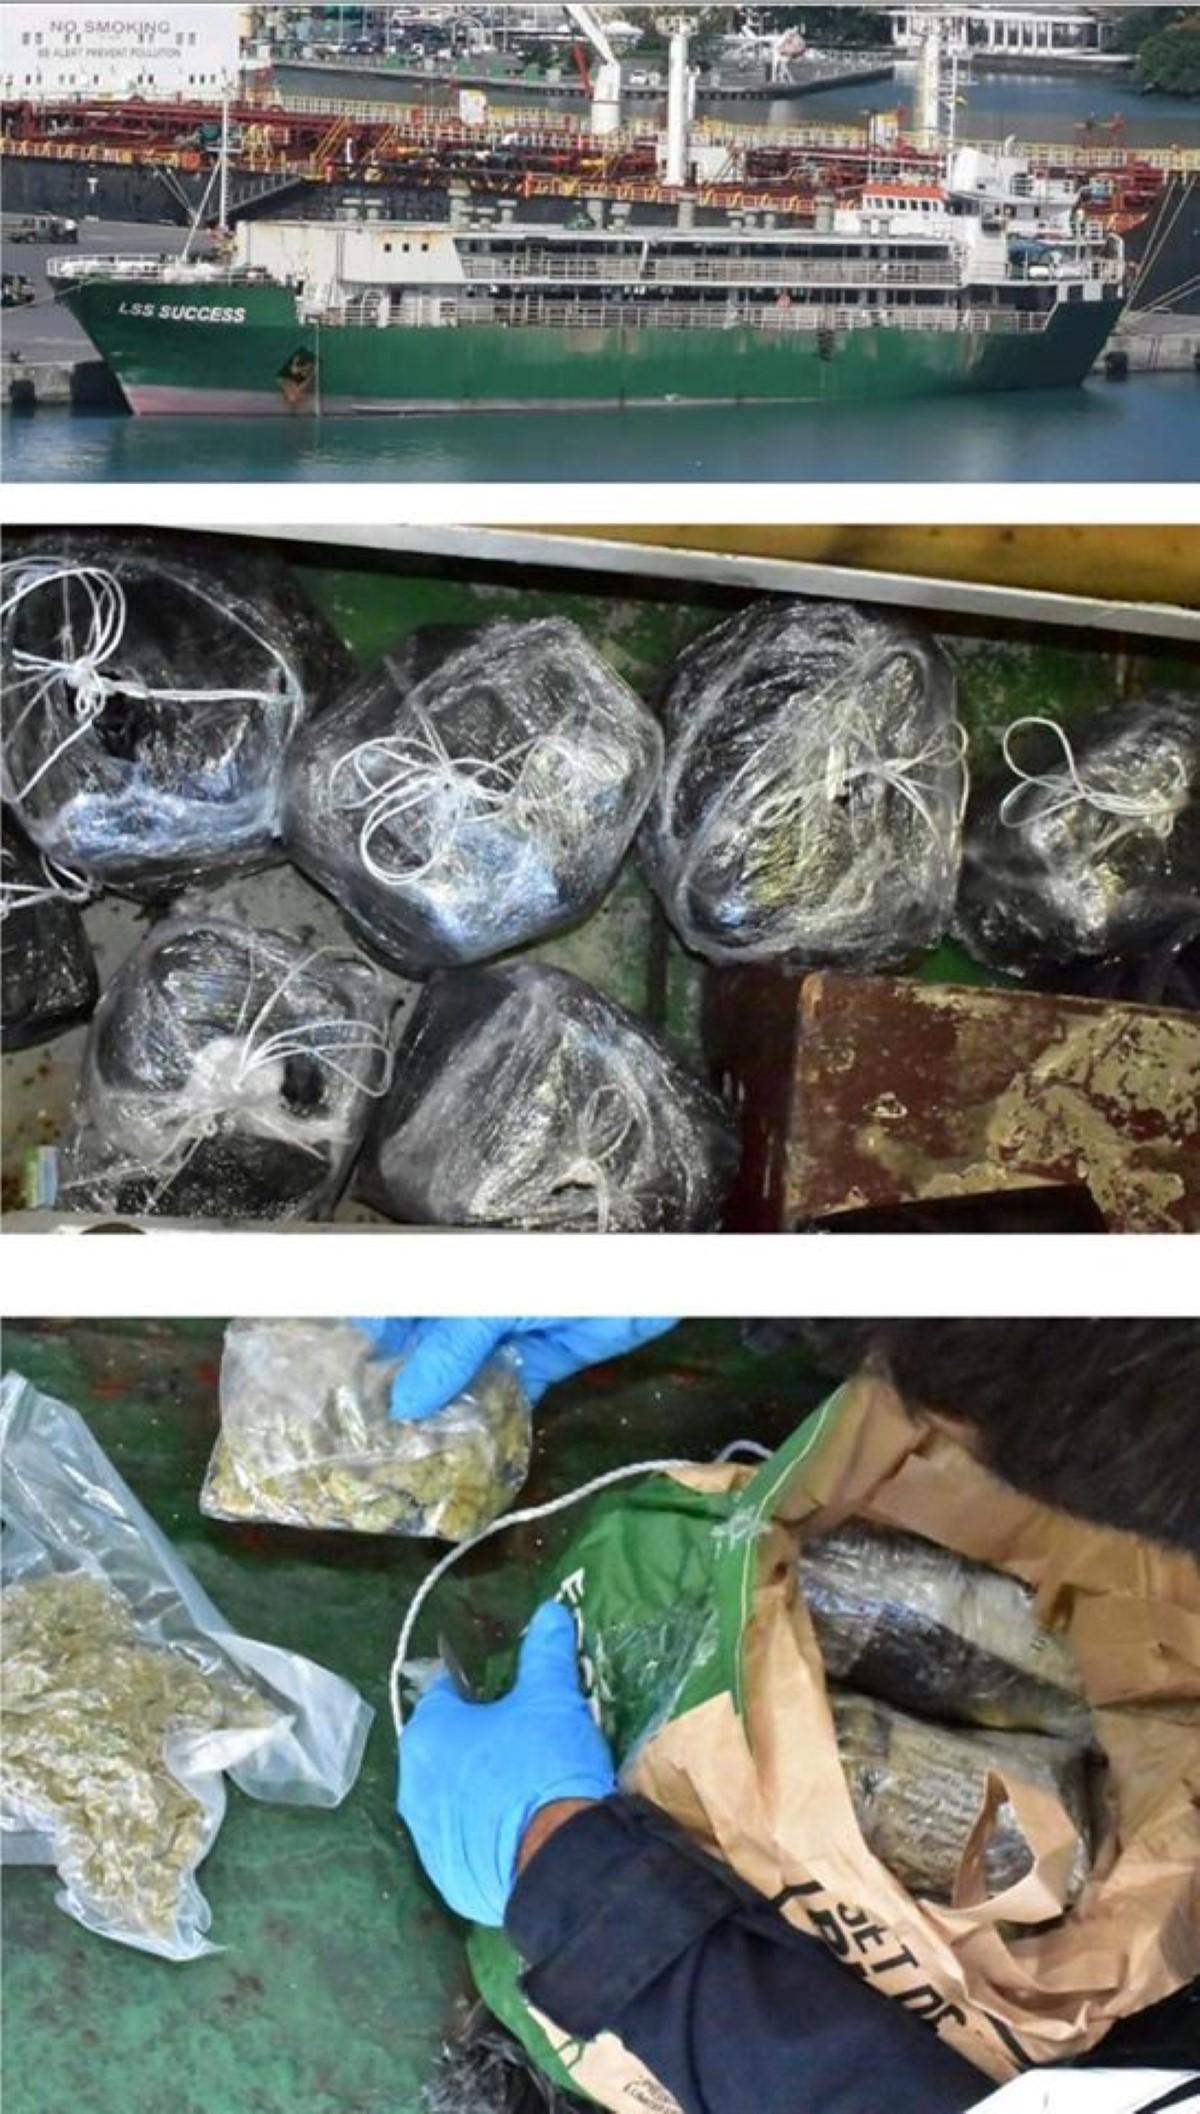 Rs 30 millions de drogue, à bord du LSS SUCCESS : Un autre employé du port  arrêté